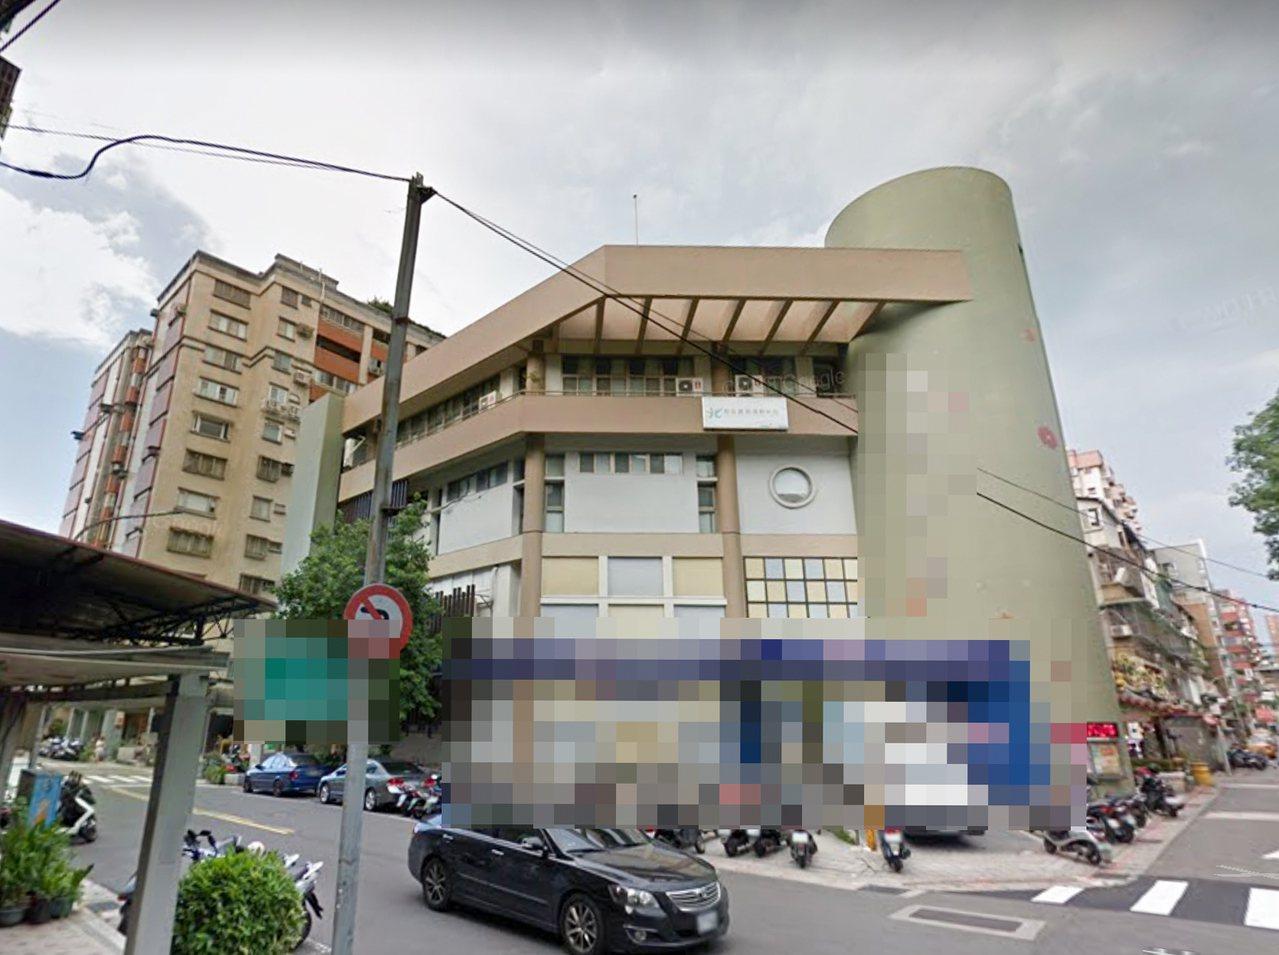 年約60多歲婦人今天早上被發現倒臥北市一棟大樓頂樓機房,警方研判輕生。圖/翻攝自...